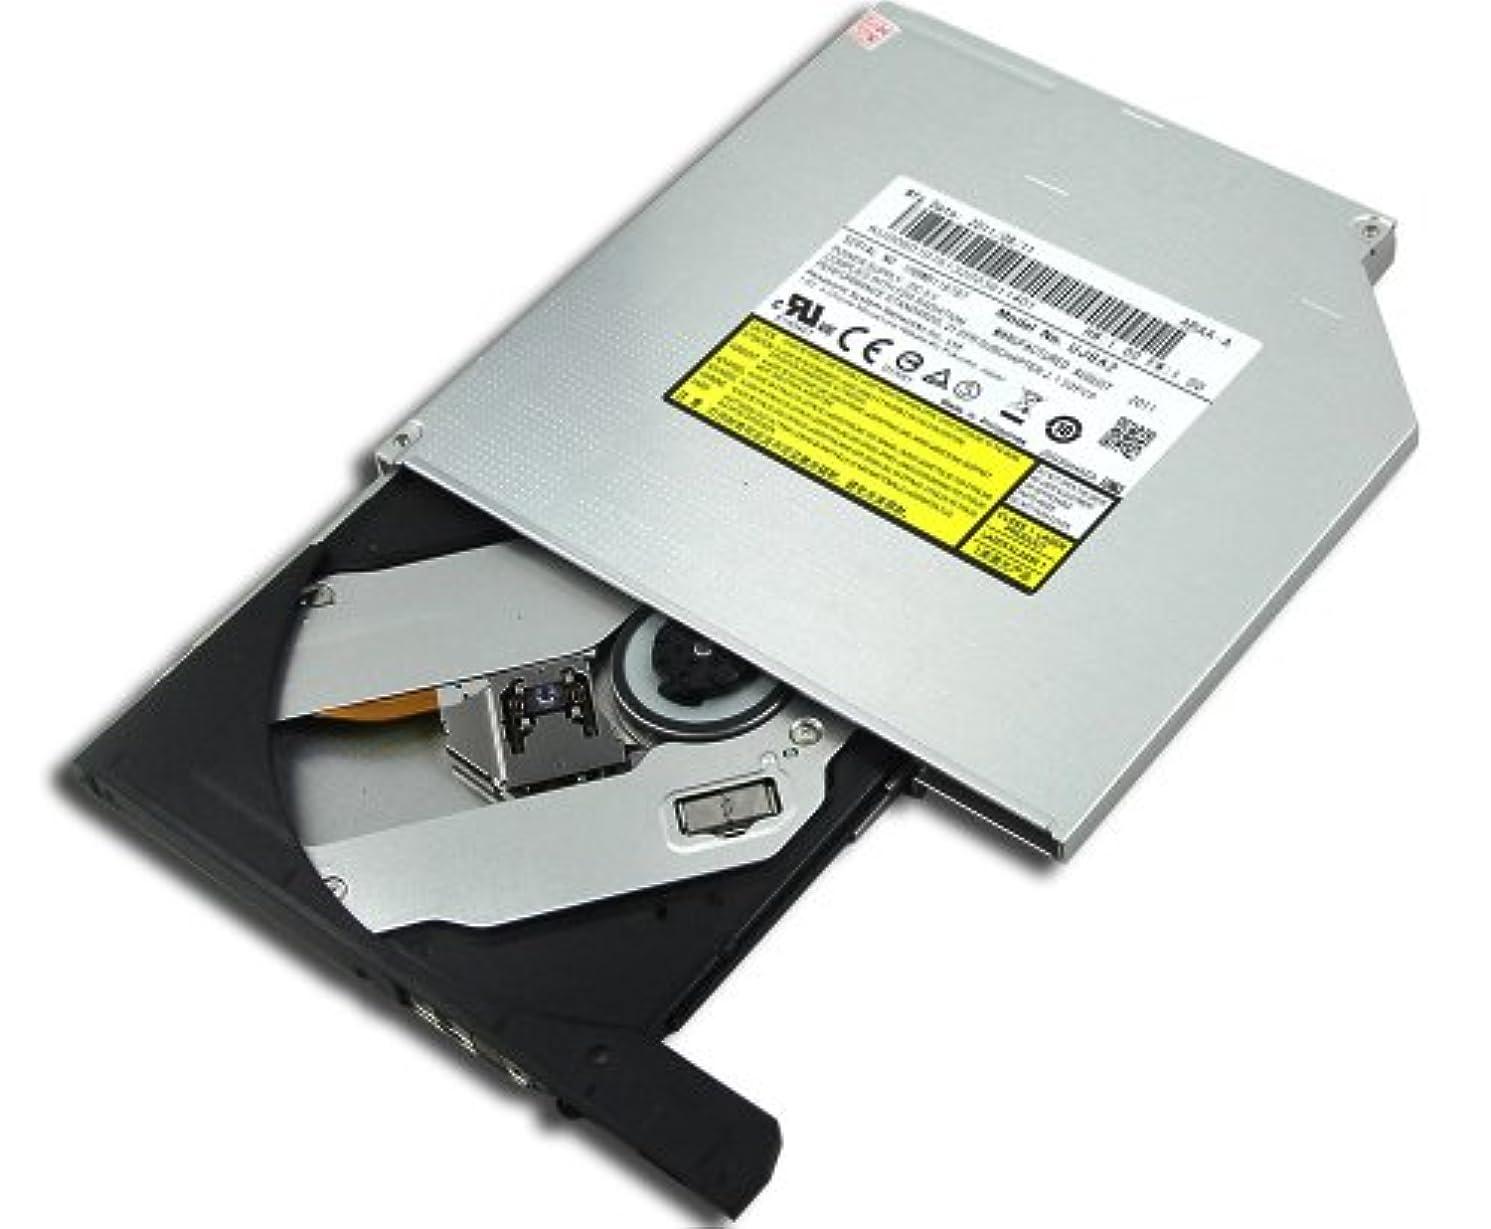 興味極めて重要な理容室Asus n550シリーズn550j n550jk n550jv Notebook PC 8 x DVD書き込みデュアルレイヤDVD - RW DL RAM 24 x CD - Rライターtray-loading内部光学ドライブ交換